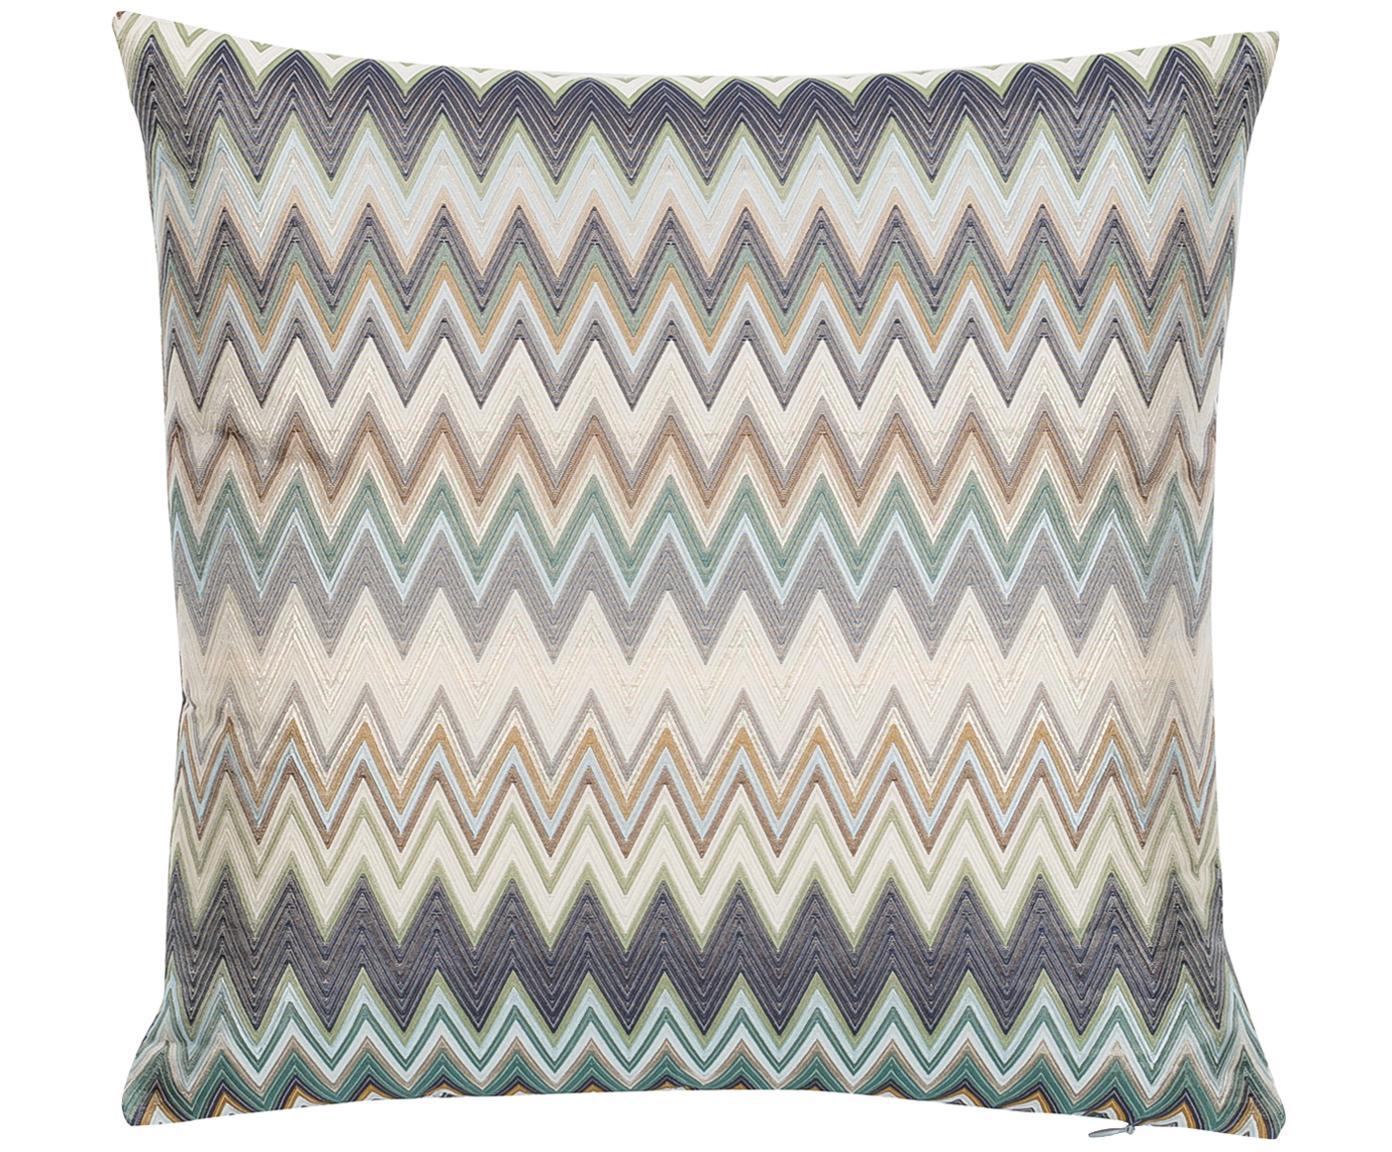 Cuscino con motivo a zigzag Masuleh, Rivestimento: 45% poliestere, 42% ottan, Multicolore, Larg. 40 x Lung. 40 cm